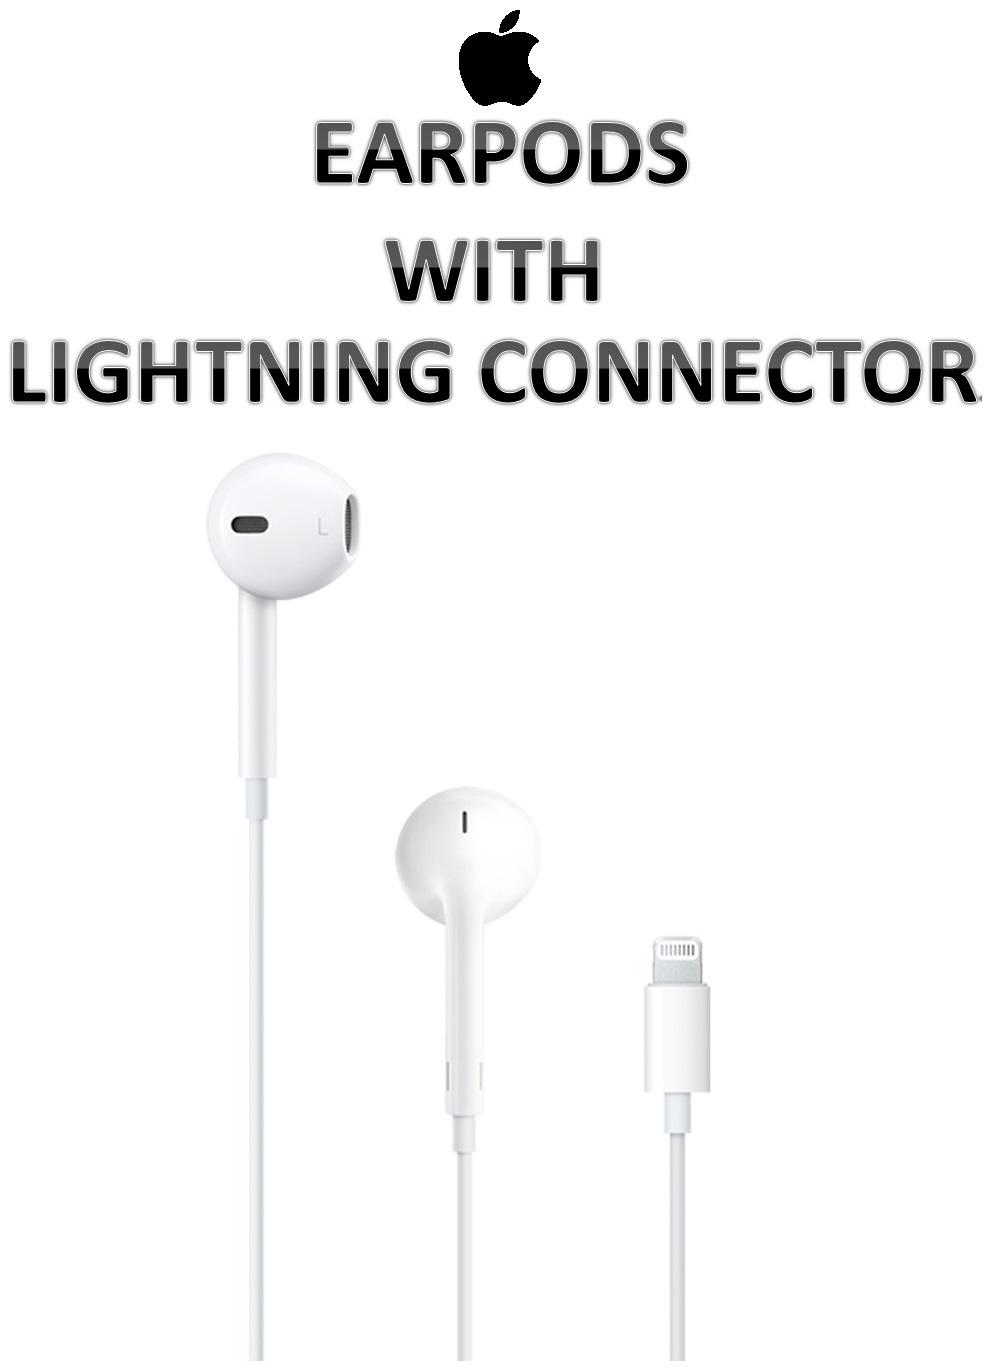 【原廠吊卡盒裝】蘋果 APPLE EarPods 具備 Lightning 連接器 附有線控器與麥克風 立體聲 耳塞式